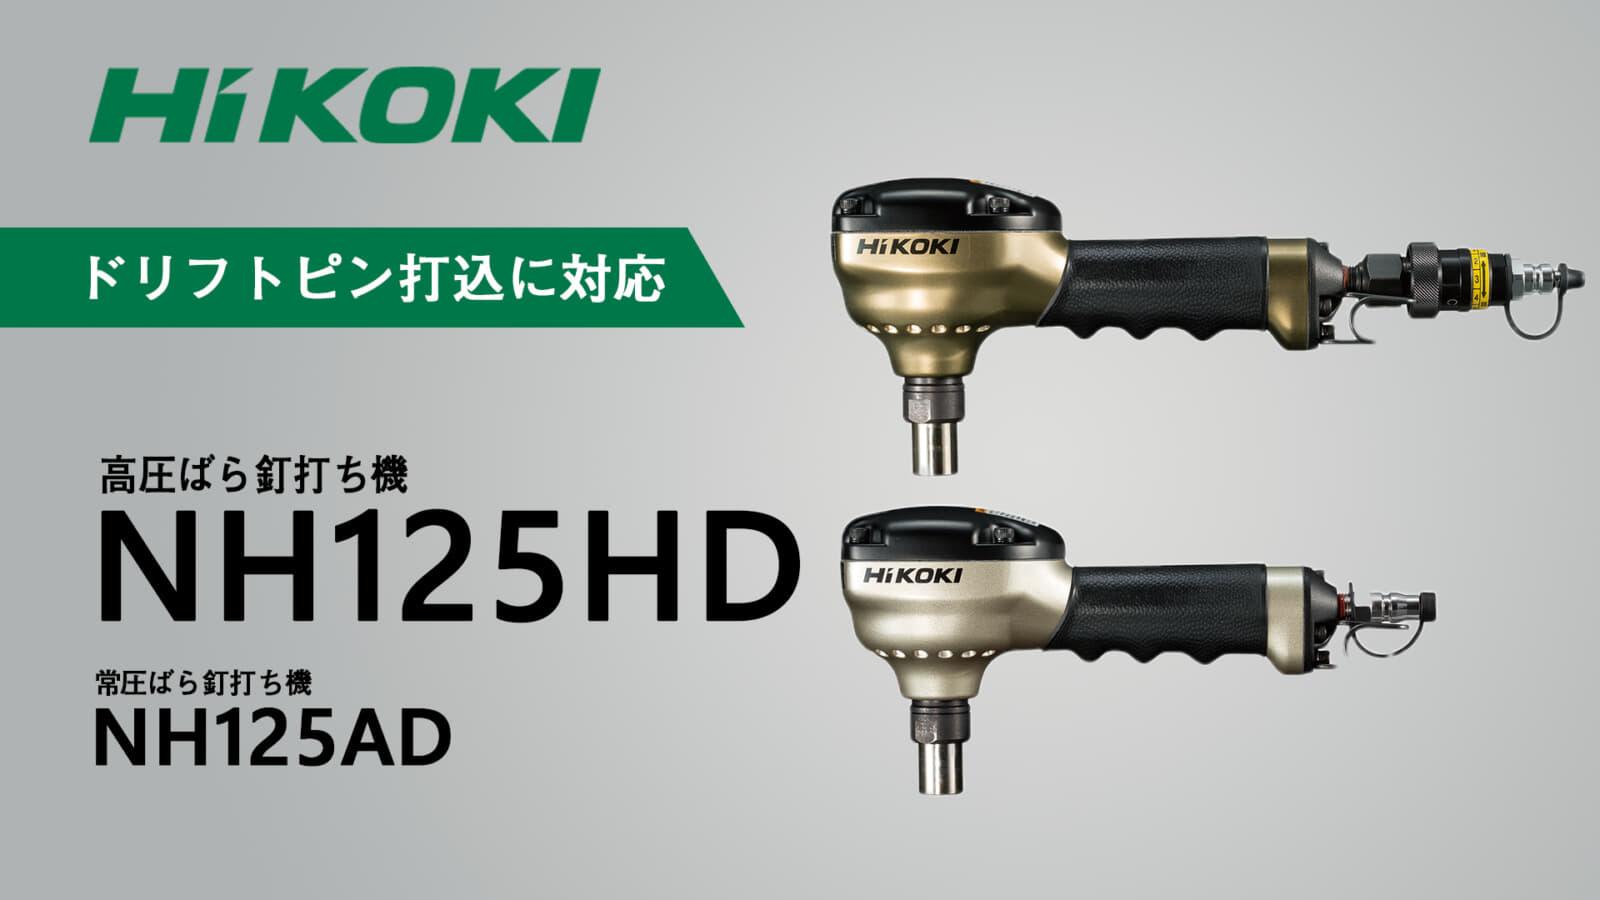 HiKOKI NH125HD ばら釘打ち機を発売、業界初のドリフトピン工法対応モデル